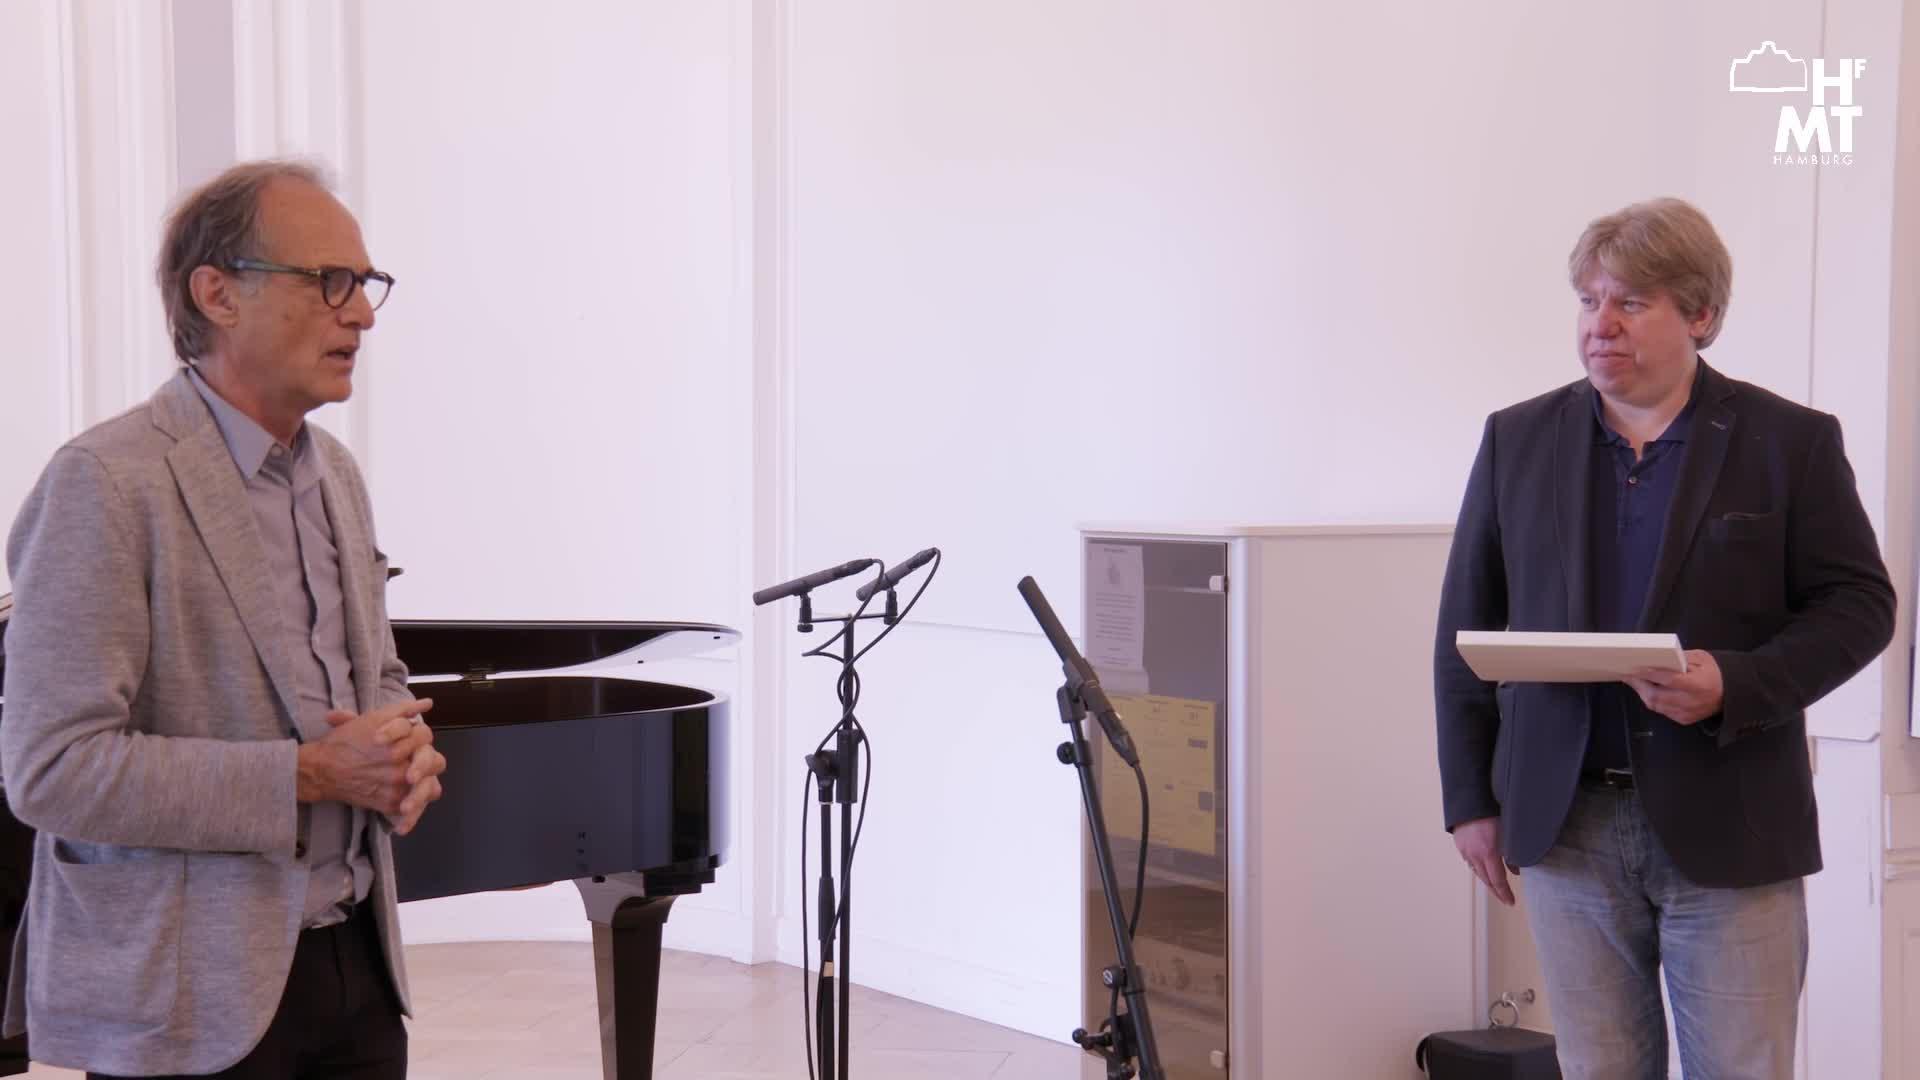 Thumbnail - BEETHOVEN MULTIDIMENSIONAL 25 Studierende präsentieren ihre Veröffentlichung über ausgewählte Klaviersonaten im Kontext des Gesamtwerkes